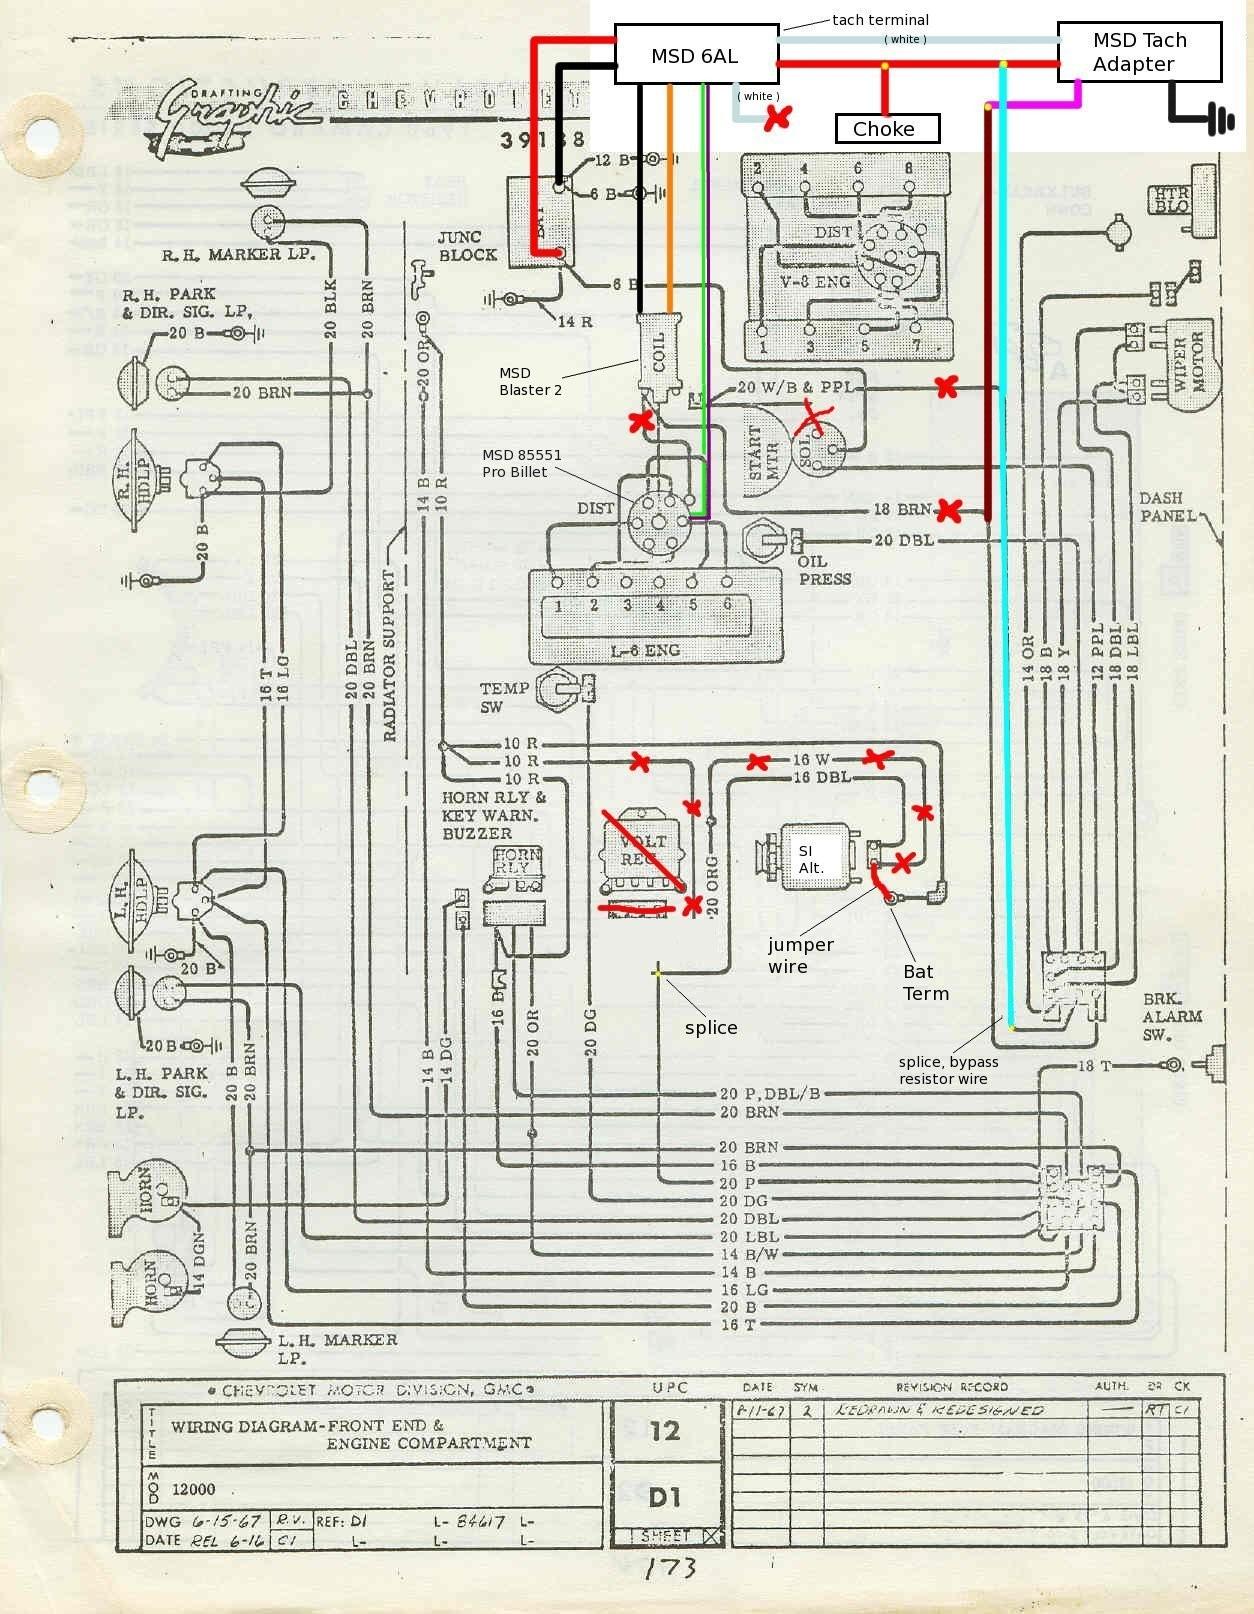 1967 Camaro Wiring Diagram Awesome 1979 Camaro Wiring Diagram Everything You Need to Of 1967 Camaro Wiring Diagram